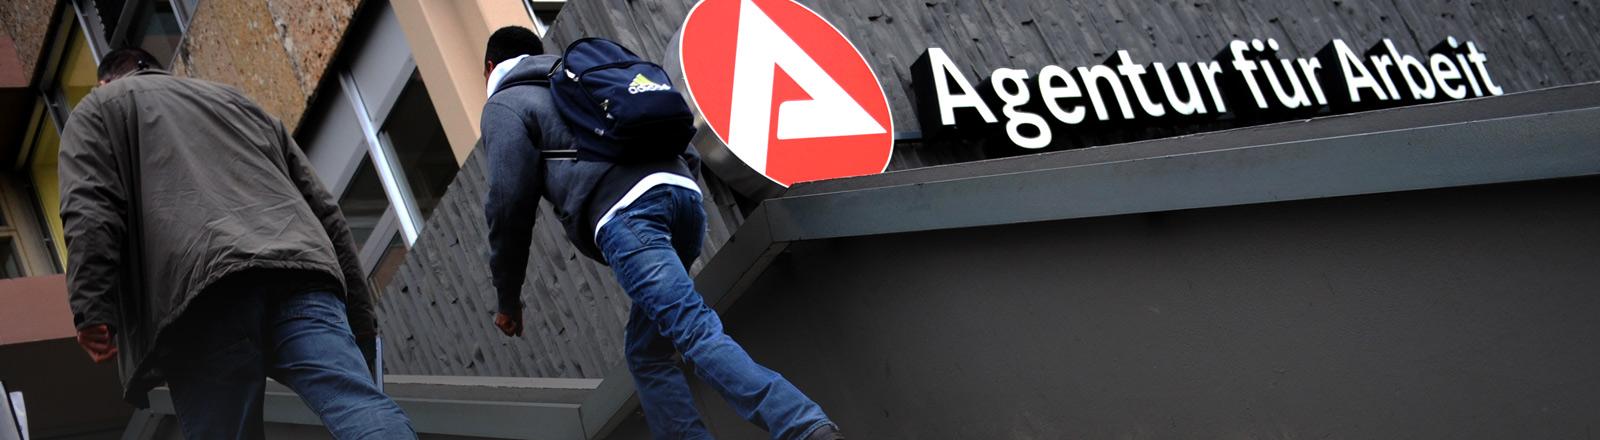 Eingang einer Agentur für Arbeit mit deren Logo.